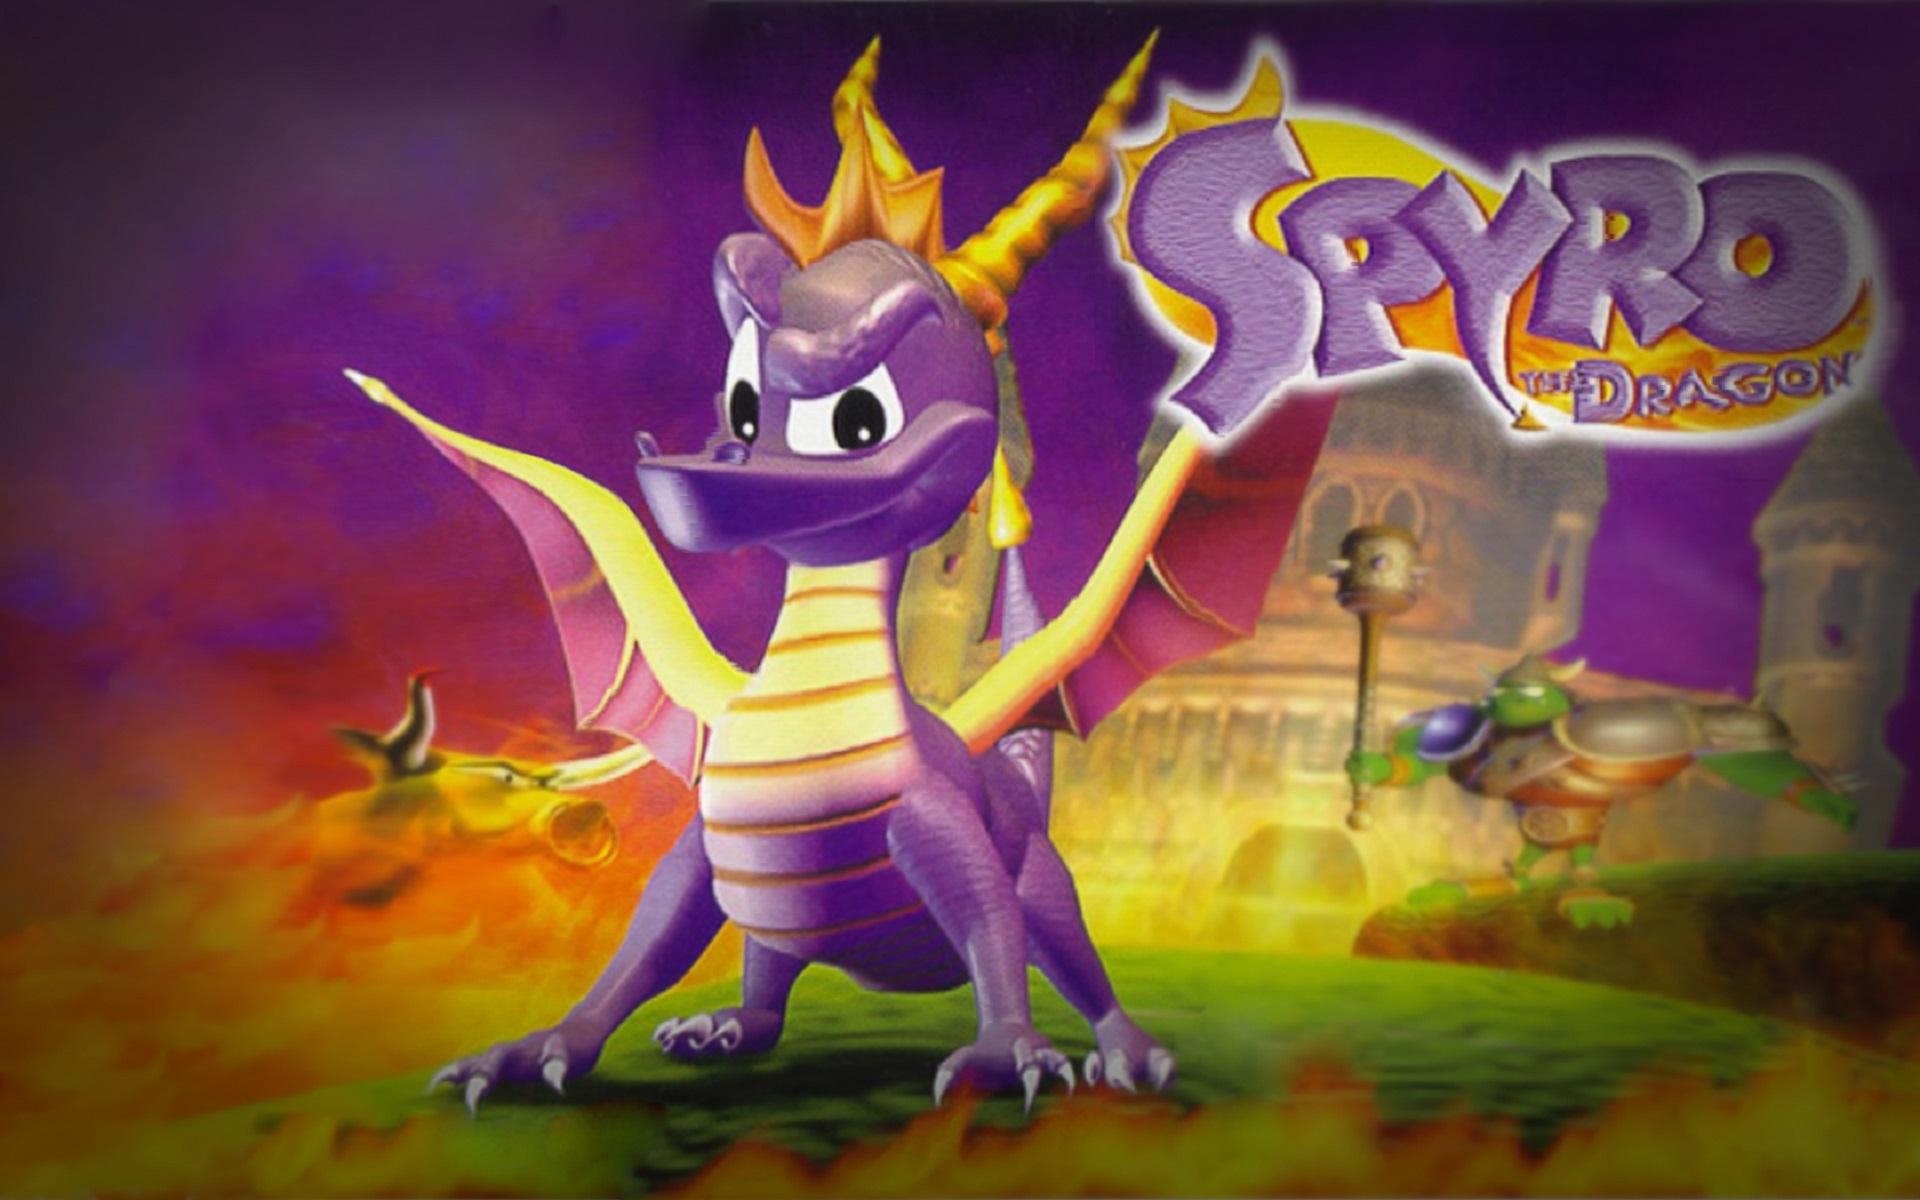 Φήμες θέλουν τον Spyro the Dragon να επιστρέφει πανηγυρικά φέτος στο PS4